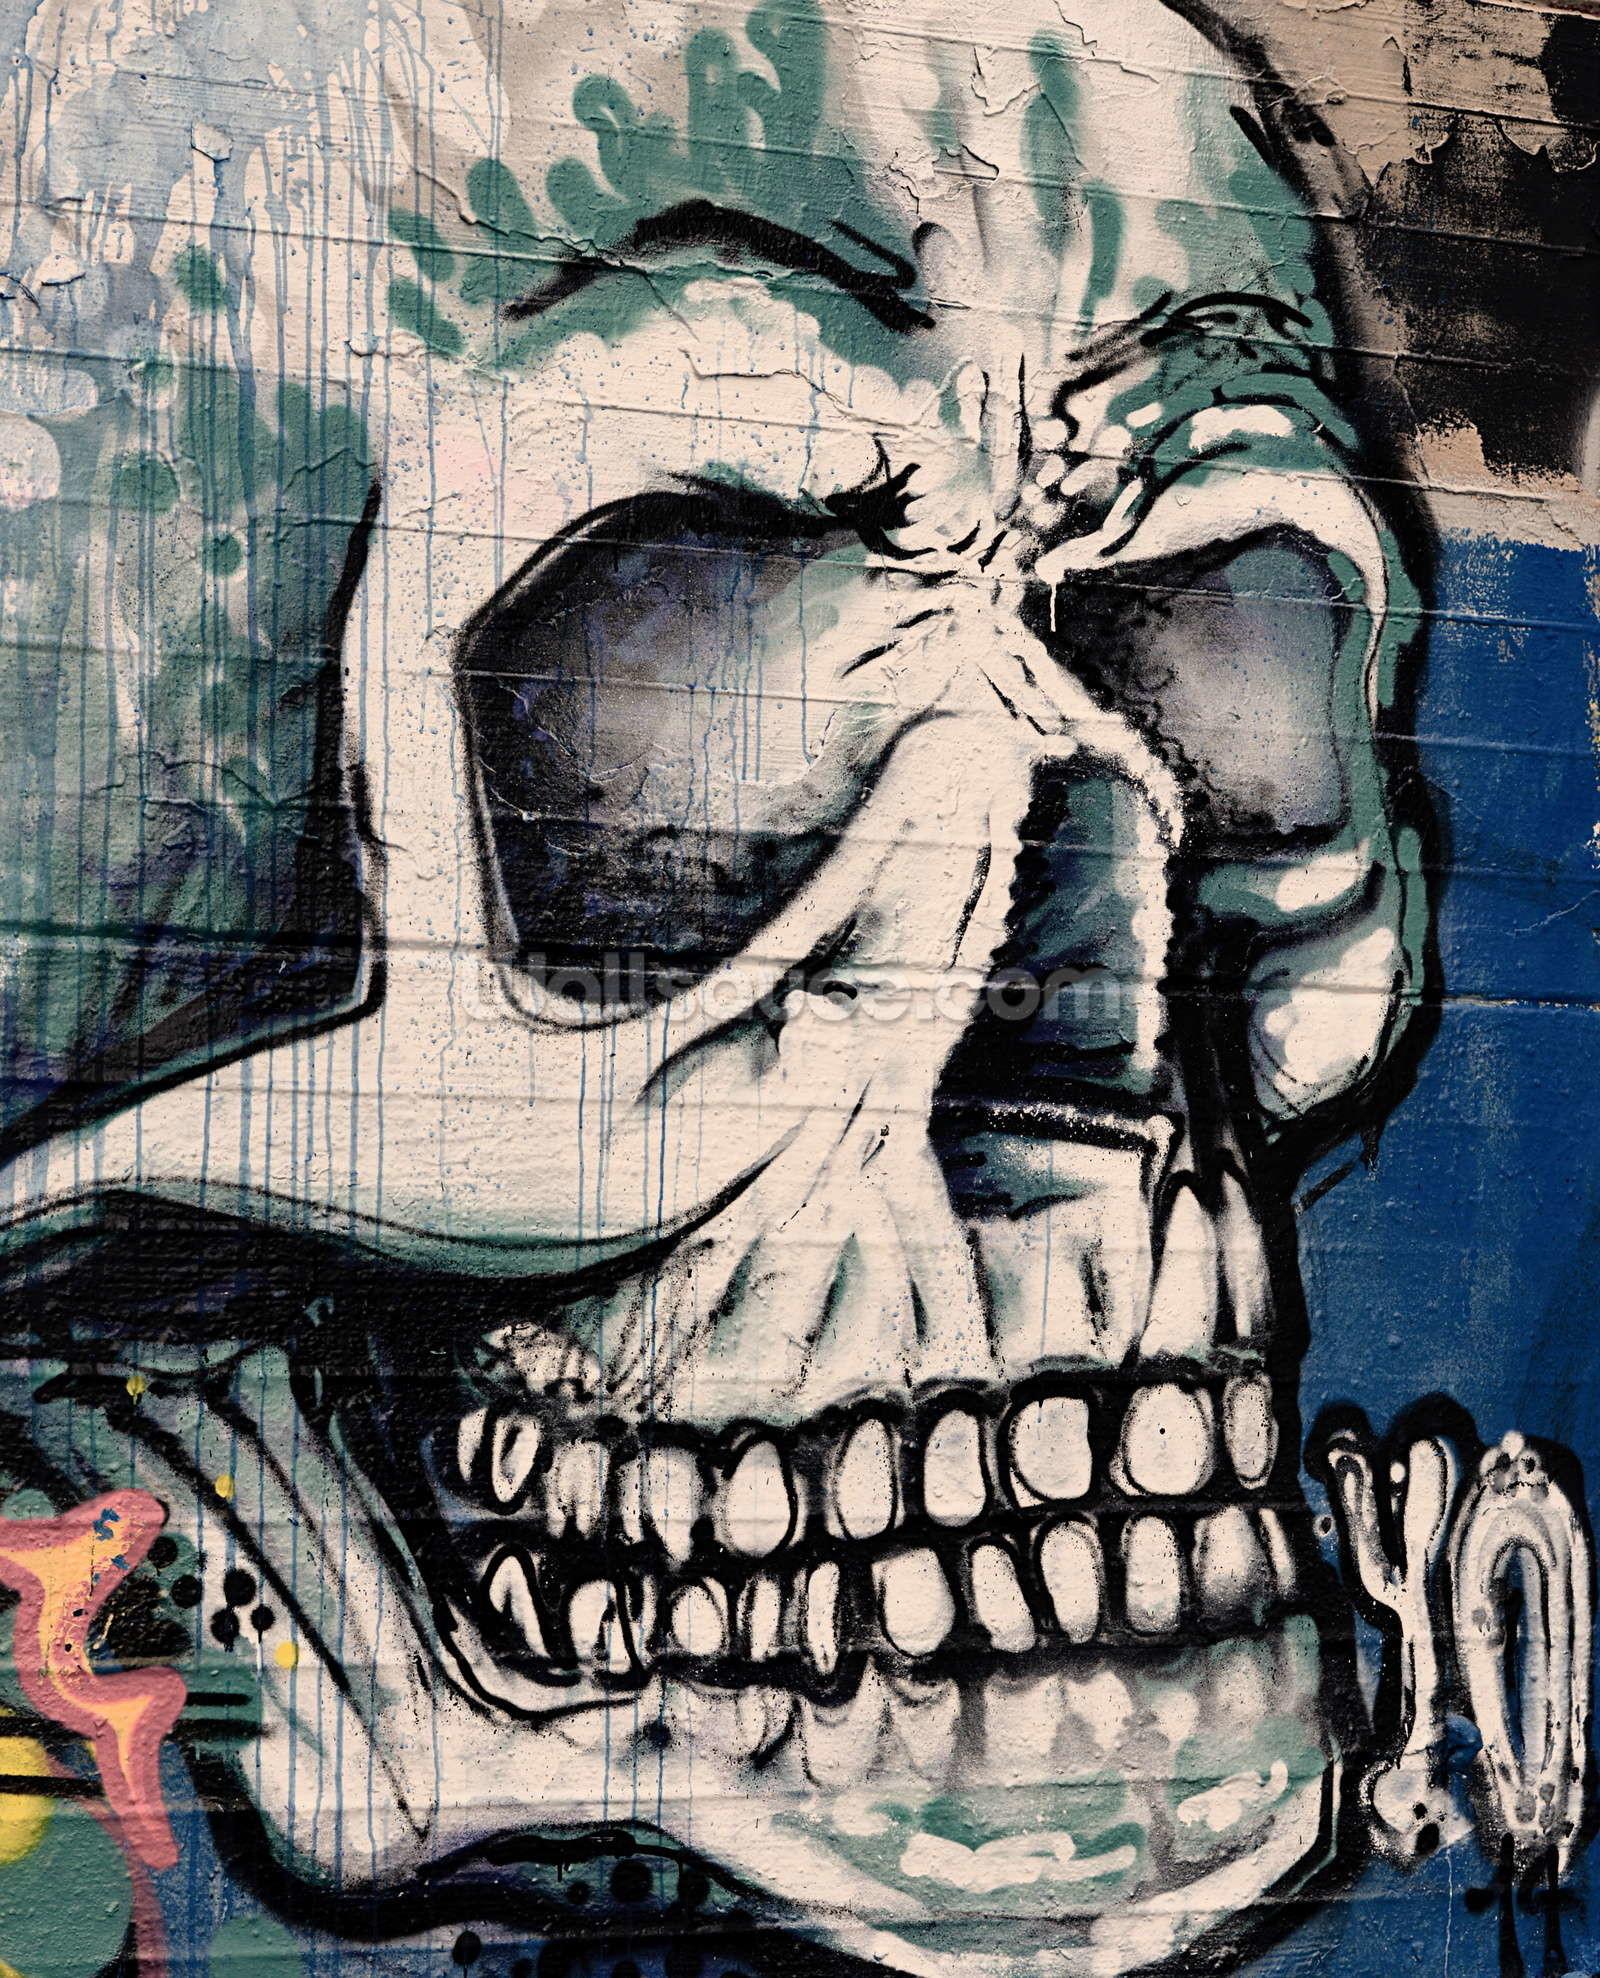 Baylor Street Art Wall: Street Art Wallpapers (66+ Images